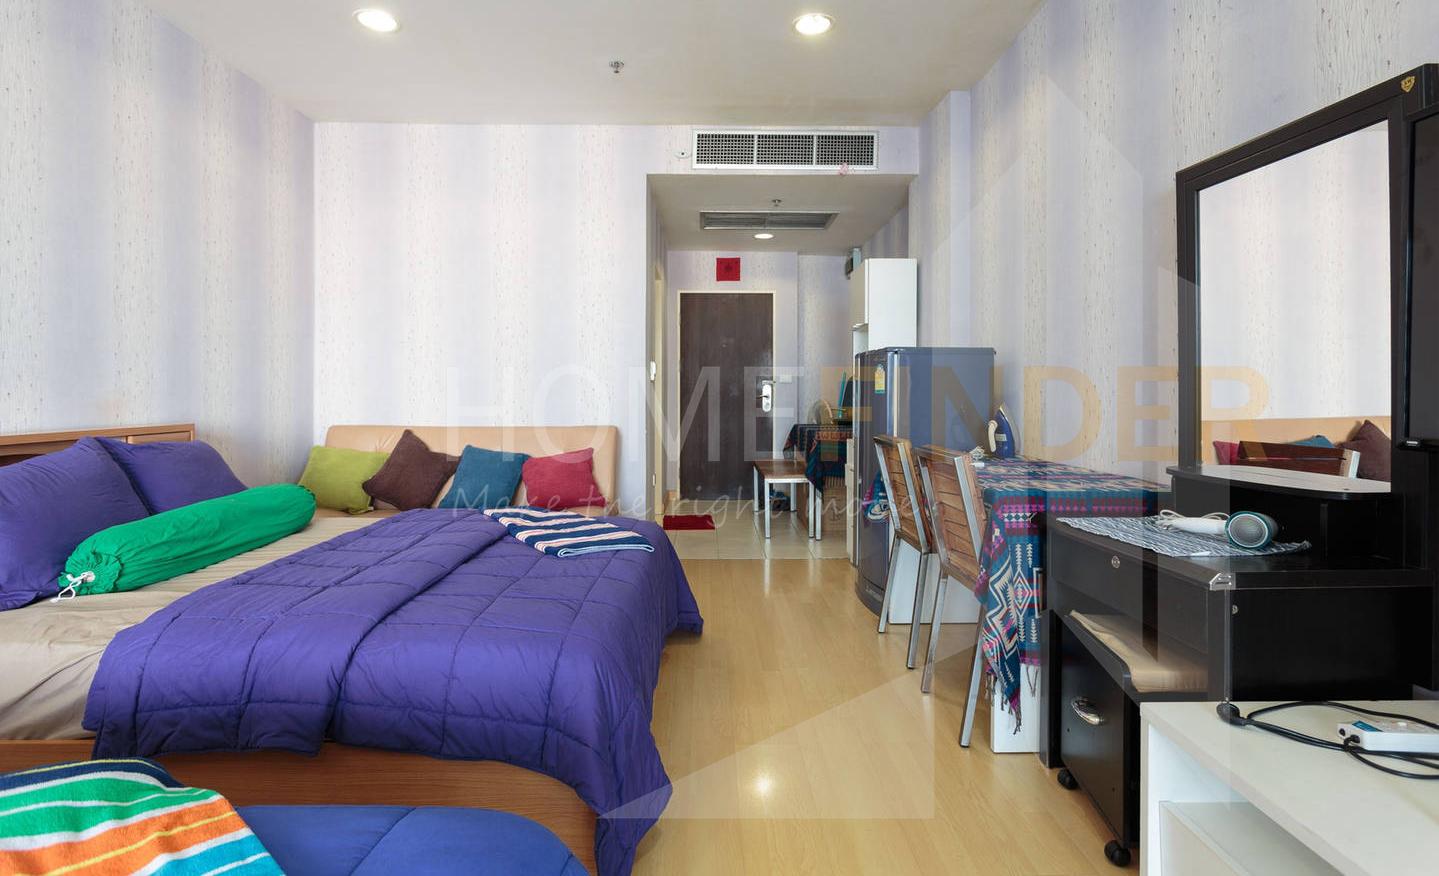 Grand Park View condominium